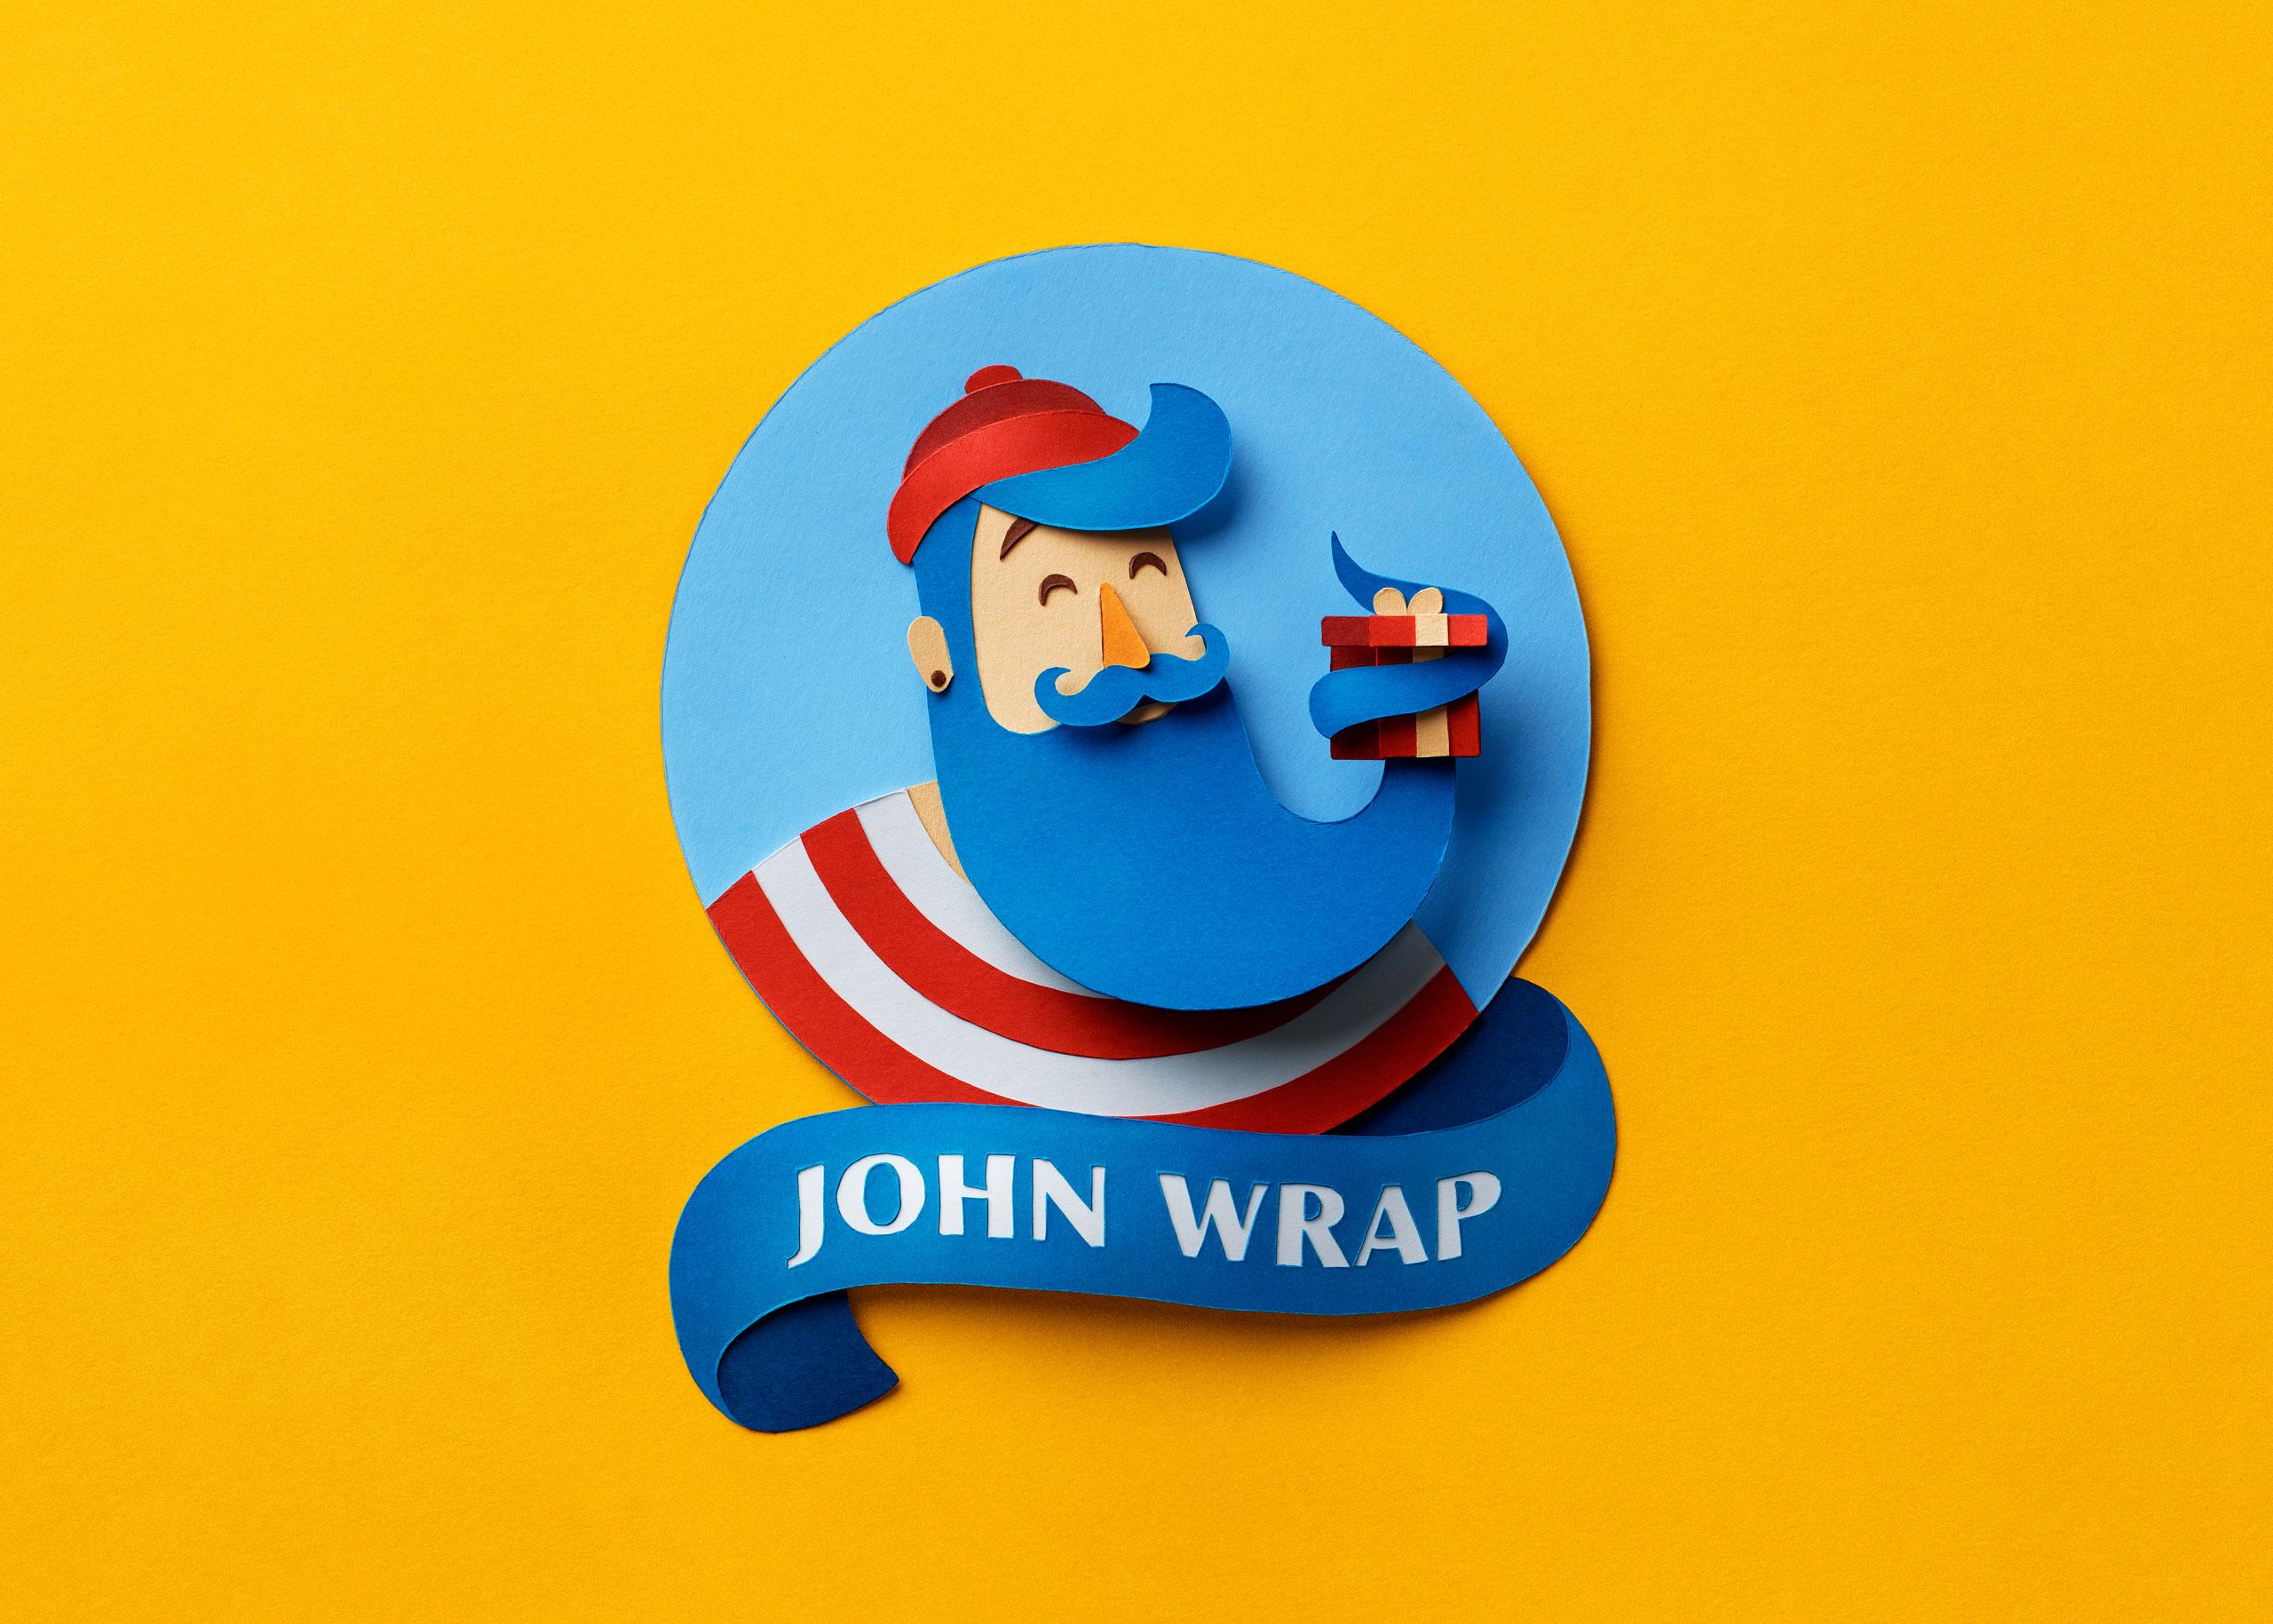 JW_Logo_Paper_Yellow_BG_w2560_quality60